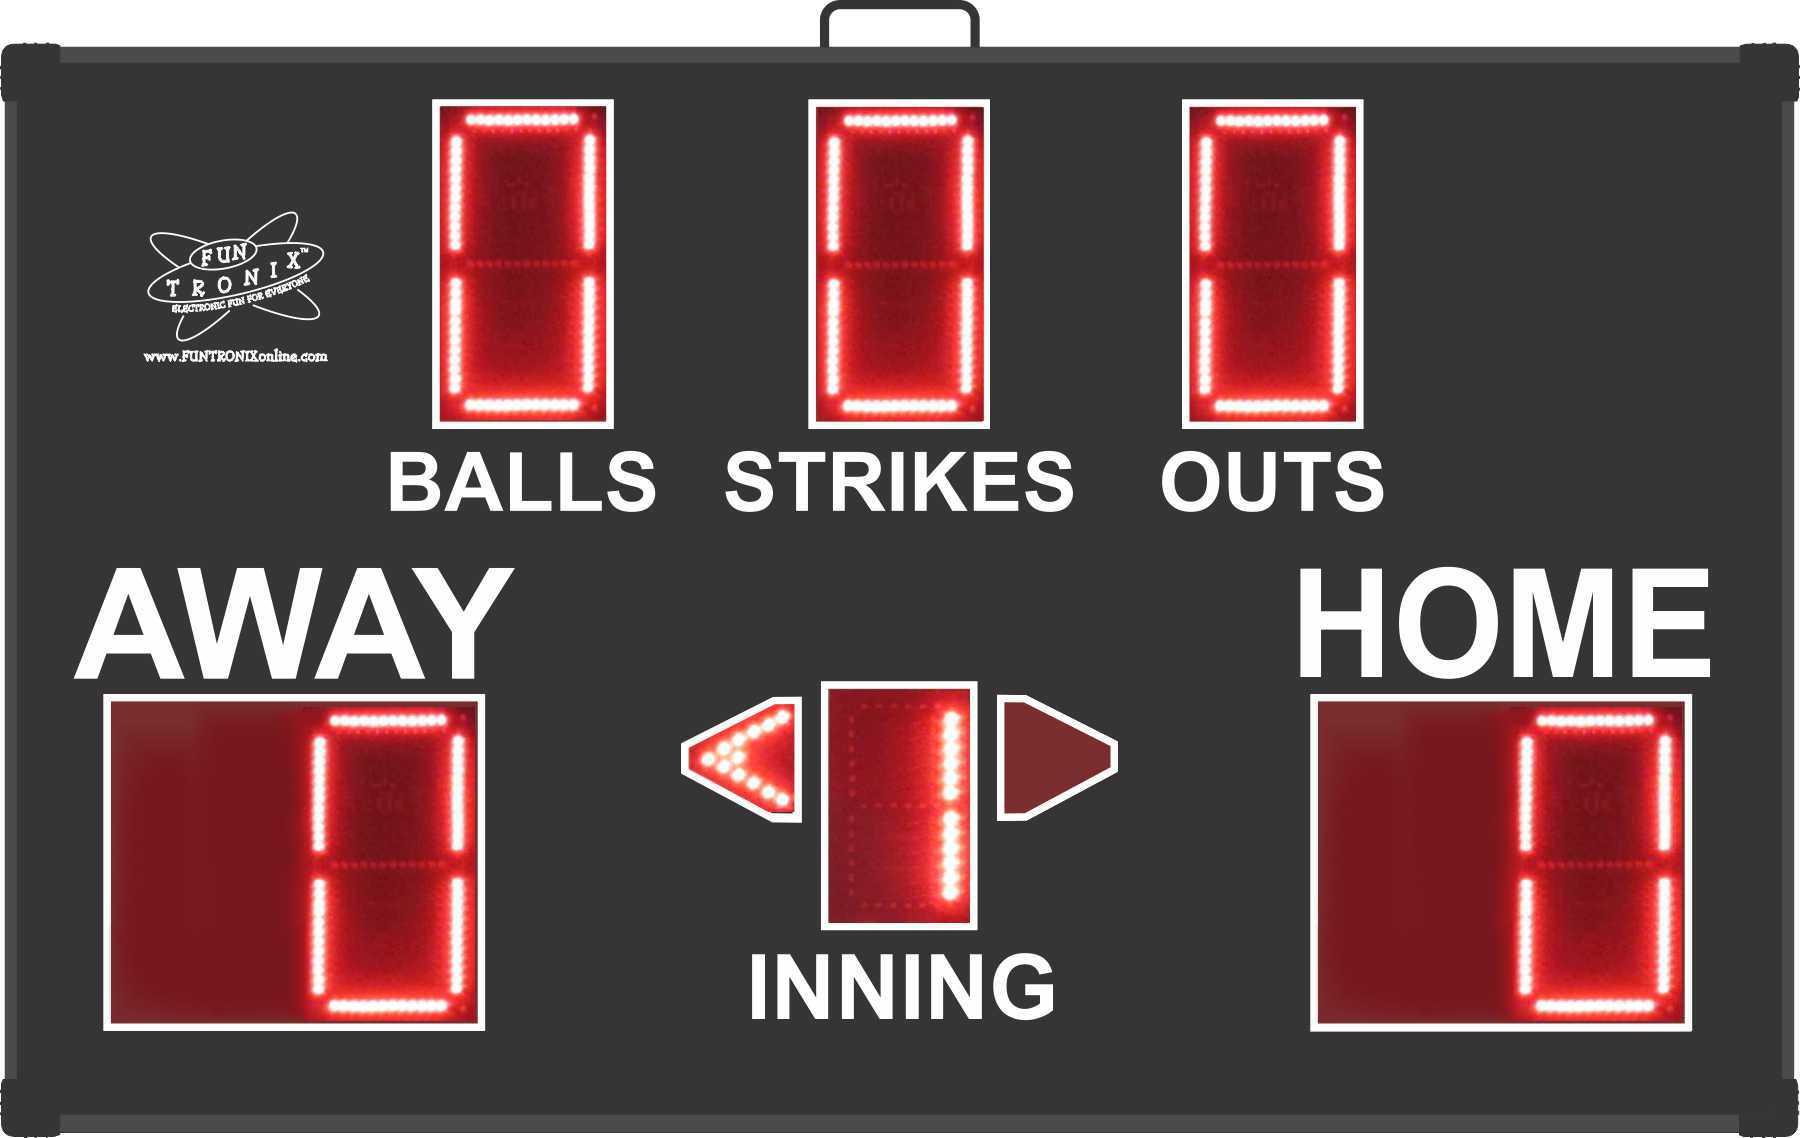 Portable Baseball Scoreboard